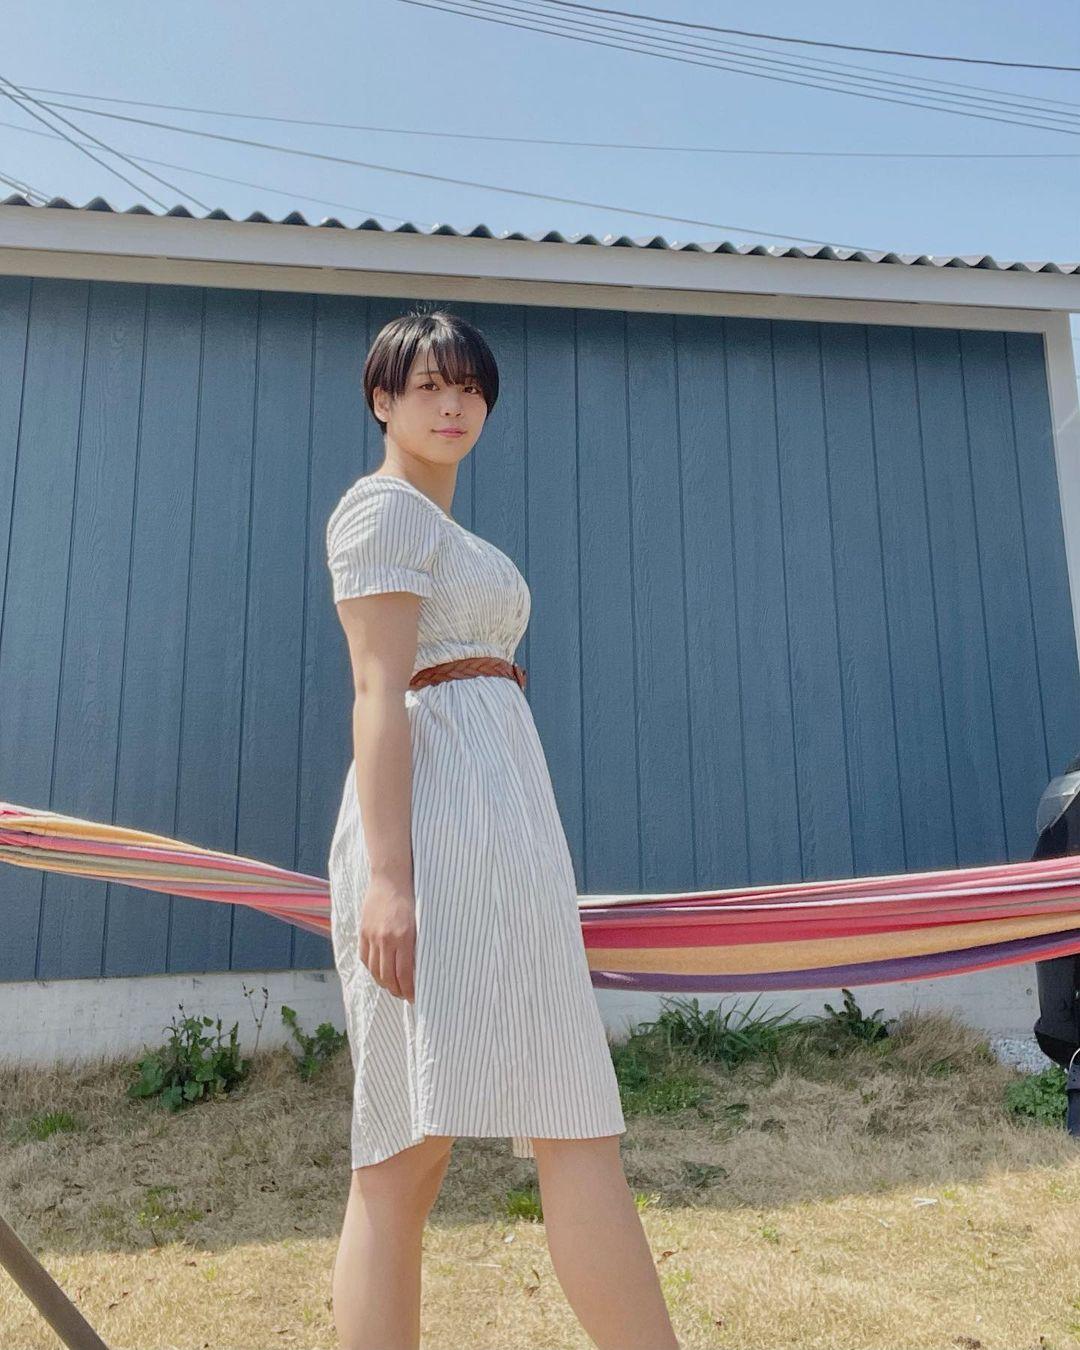 选美比赛冠军 短发高中妹山冈雅弥16岁青春 深邃卧蚕双眼彷佛随时在放电 网络美女 第13张